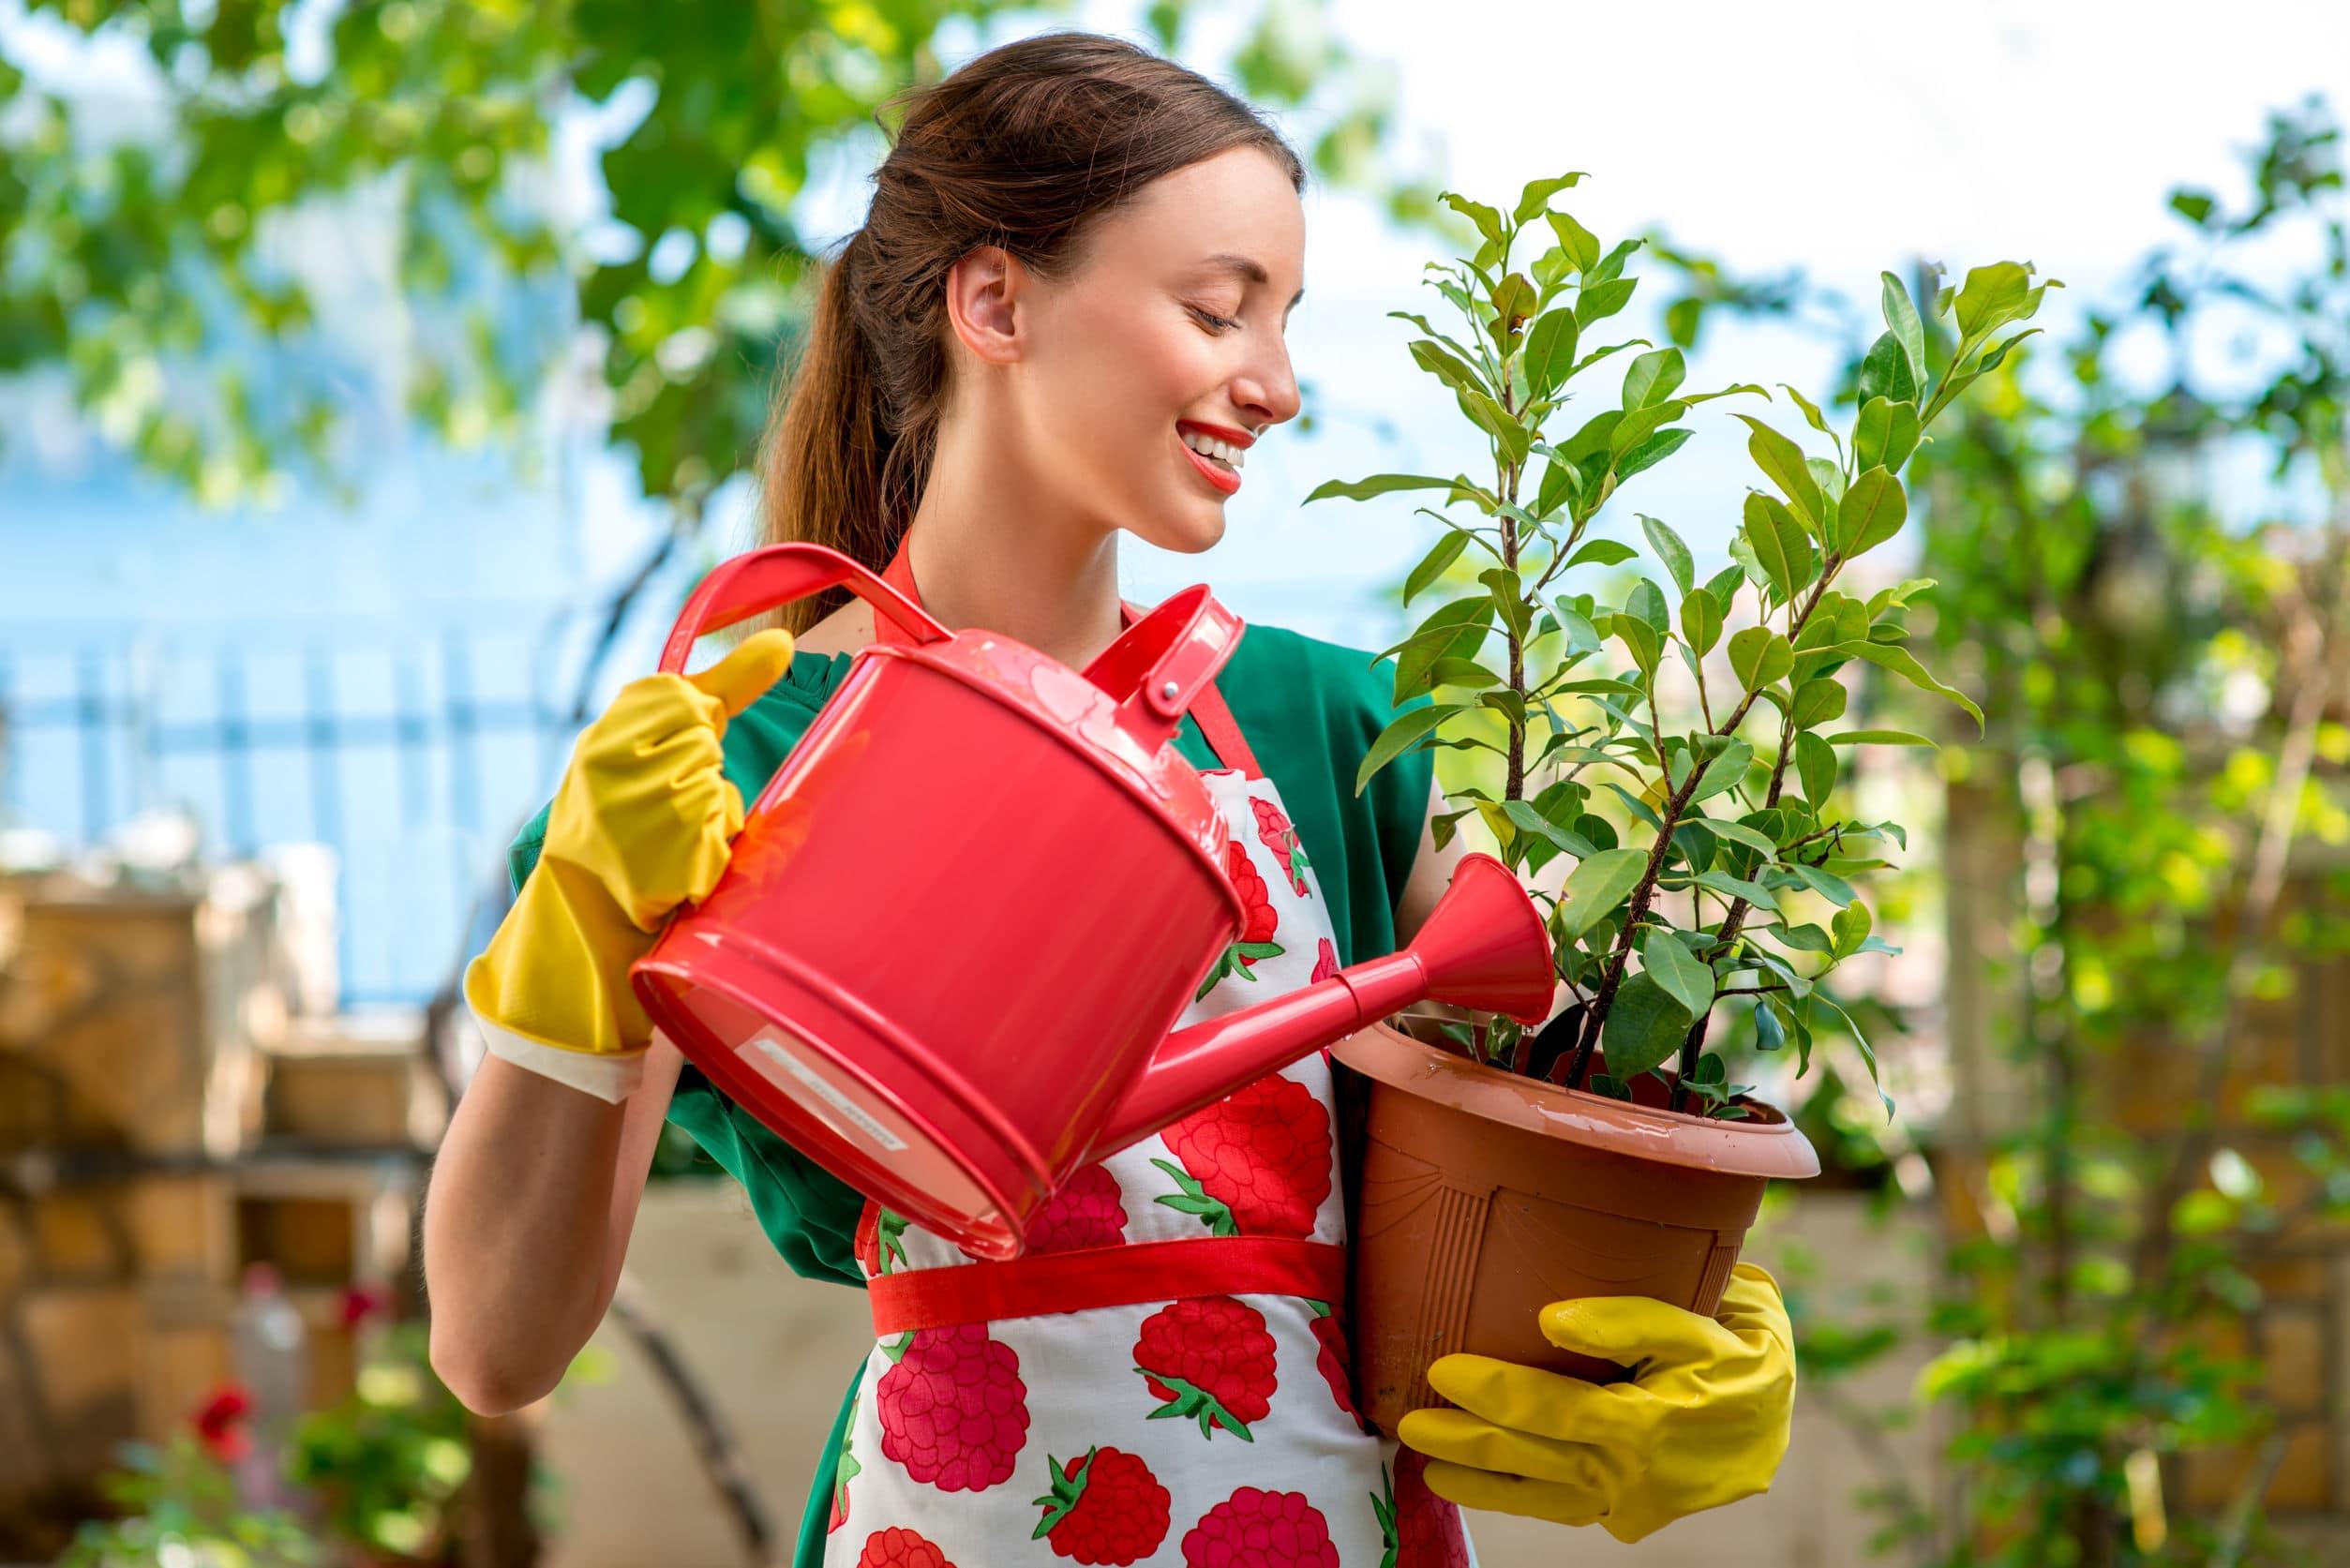 Mulher nova e sorridente usando um avental e luvas de trabalho regando vaso de plantas em um jardim